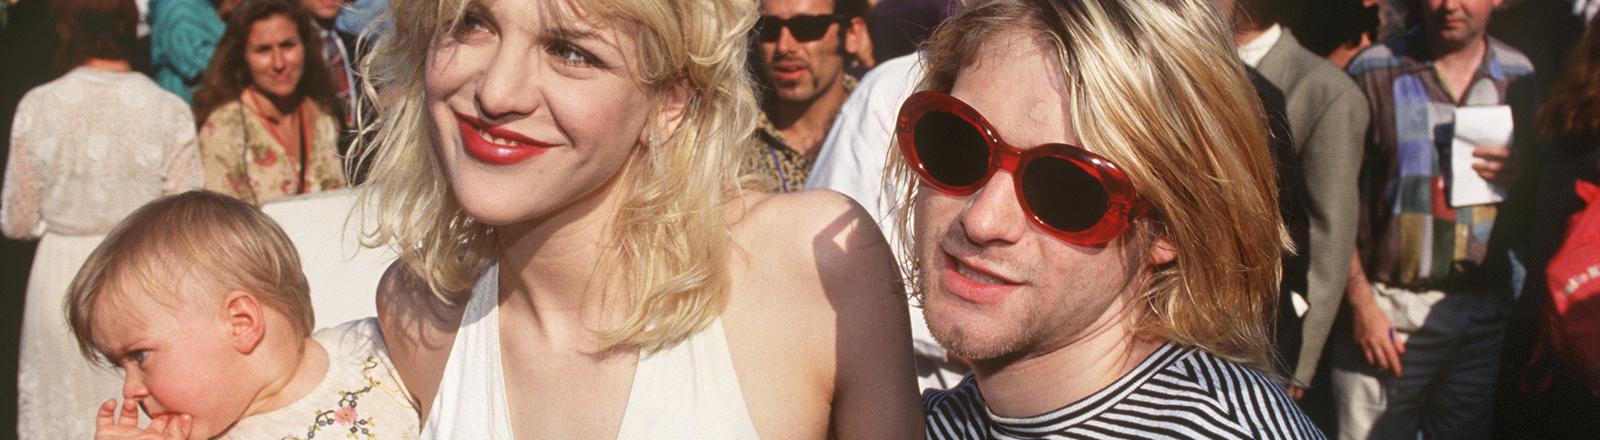 """Der Sänger der US-amerikanischen Kult-Rockband """"Nirvana"""", Kurt Cobain, und seine Frau Courtney Love sind mit Töchterchen Love am 2.9.1993 in Los Angeles auf dem Weg zur """"MTV-Video Music Award""""-Verleihung."""